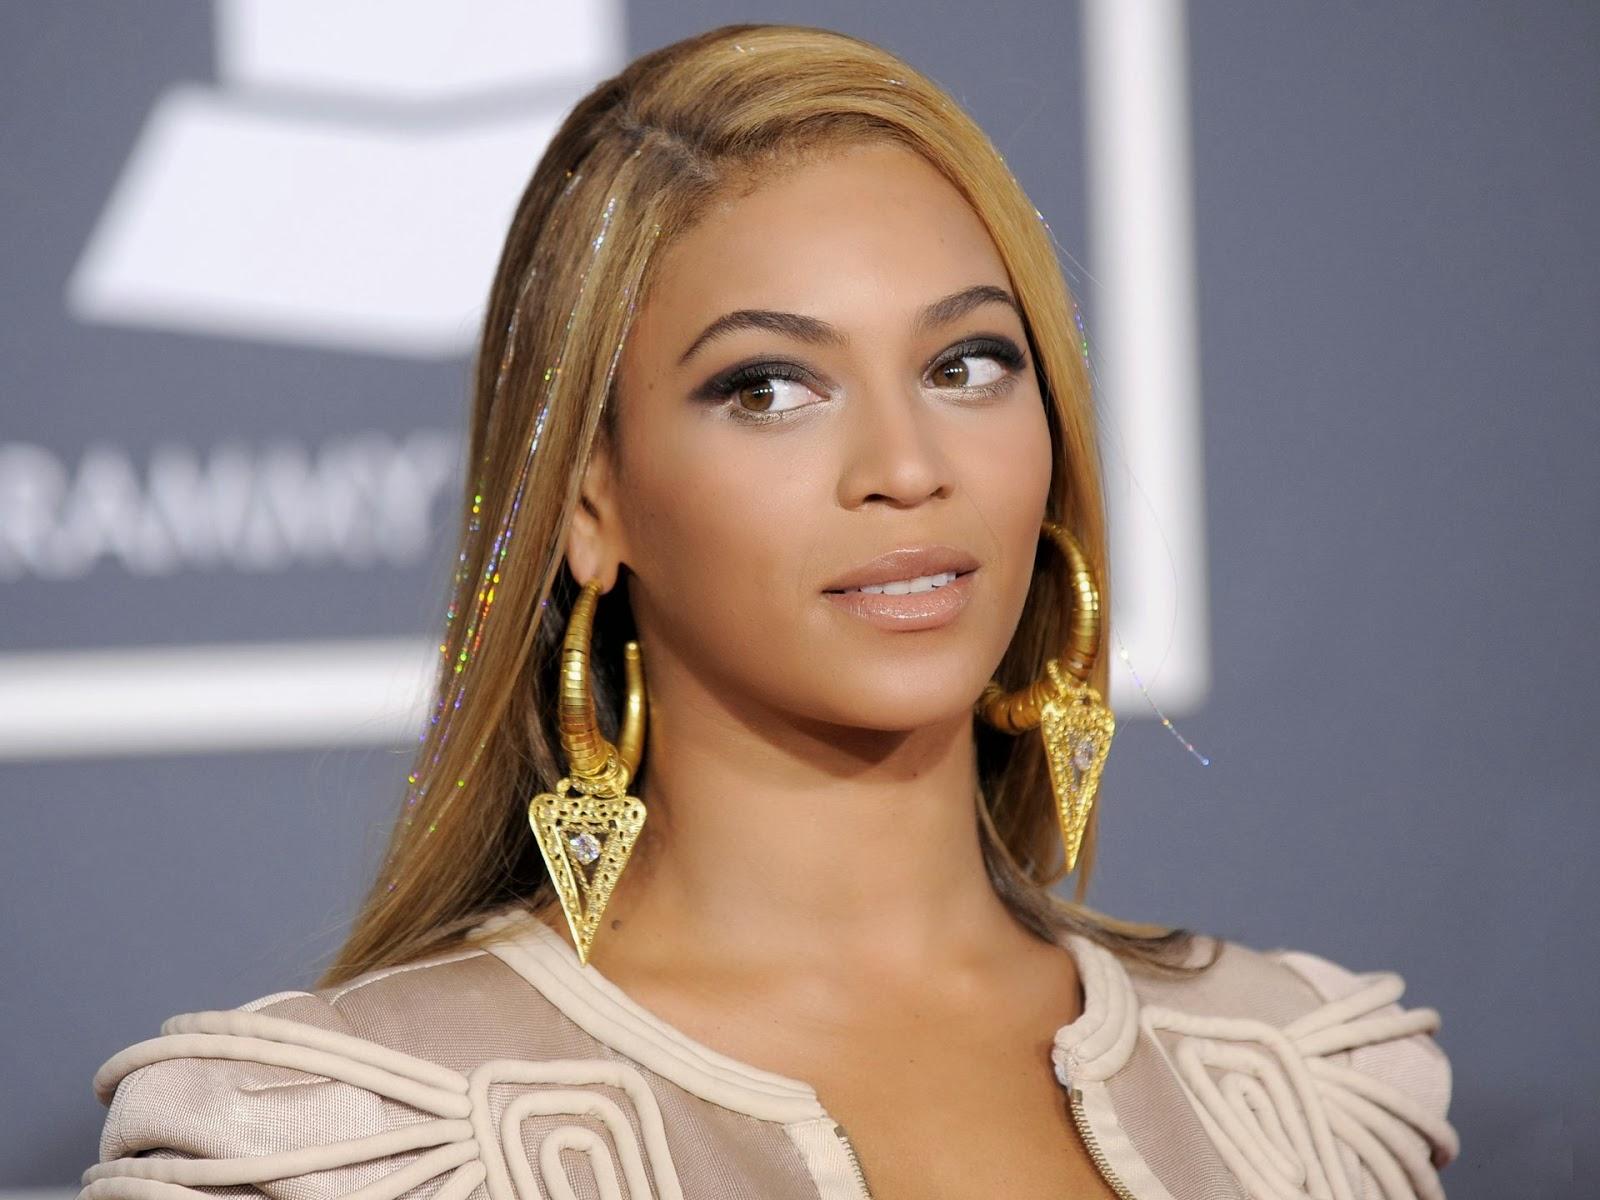 Beyonce Giselle Hd Wallpapers Brooklyn Decker